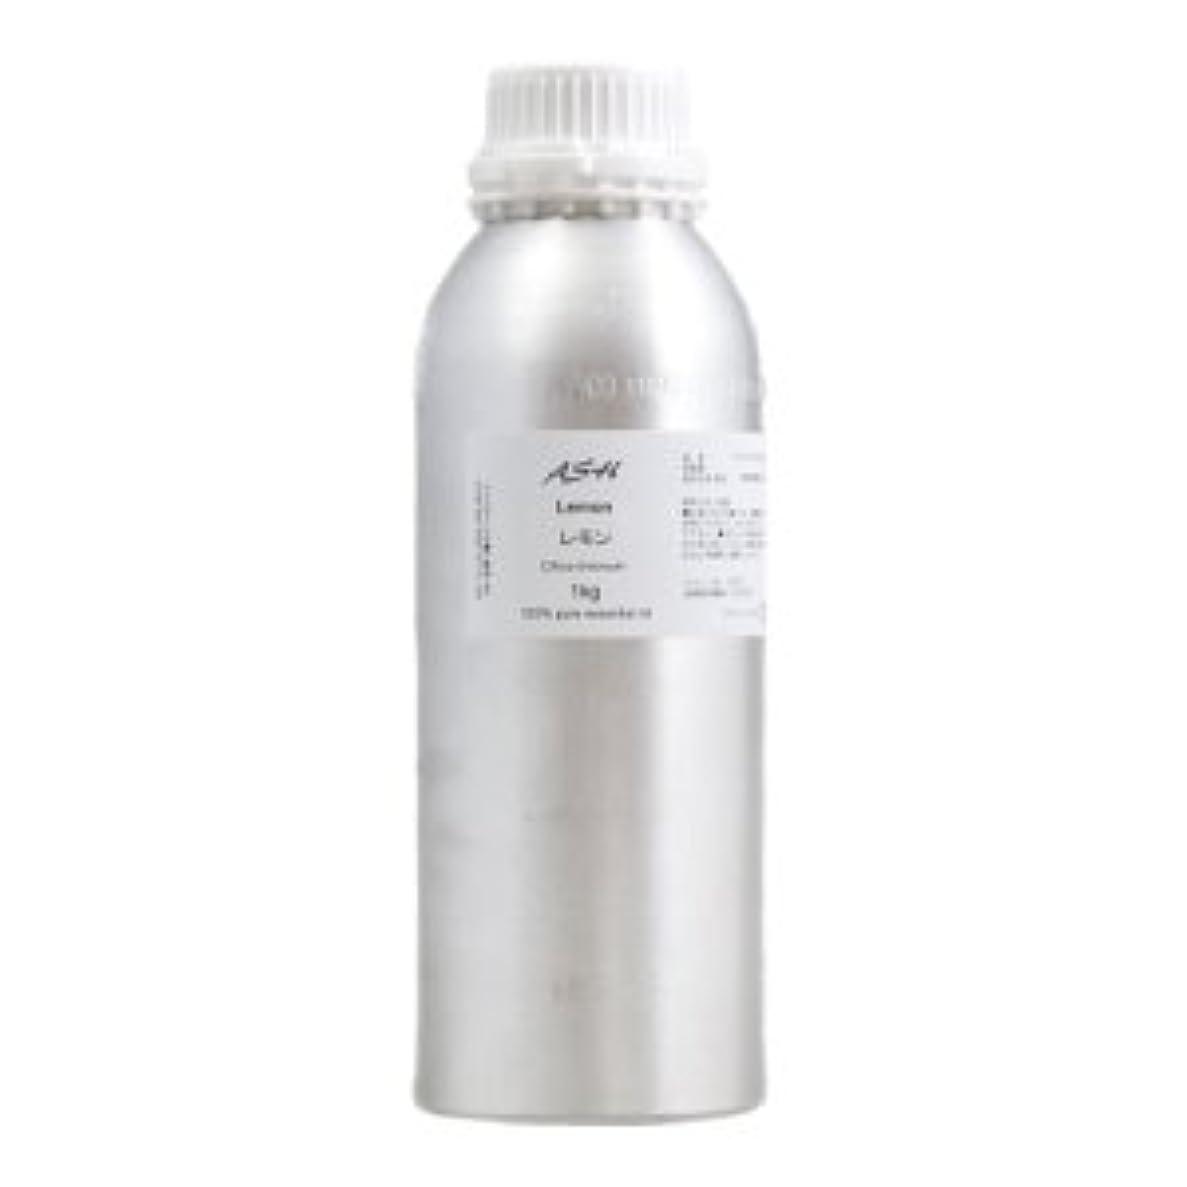 銀河最も早い盗難ASH レモン エッセンシャルオイル 業務用1kg AEAJ表示基準適合認定精油